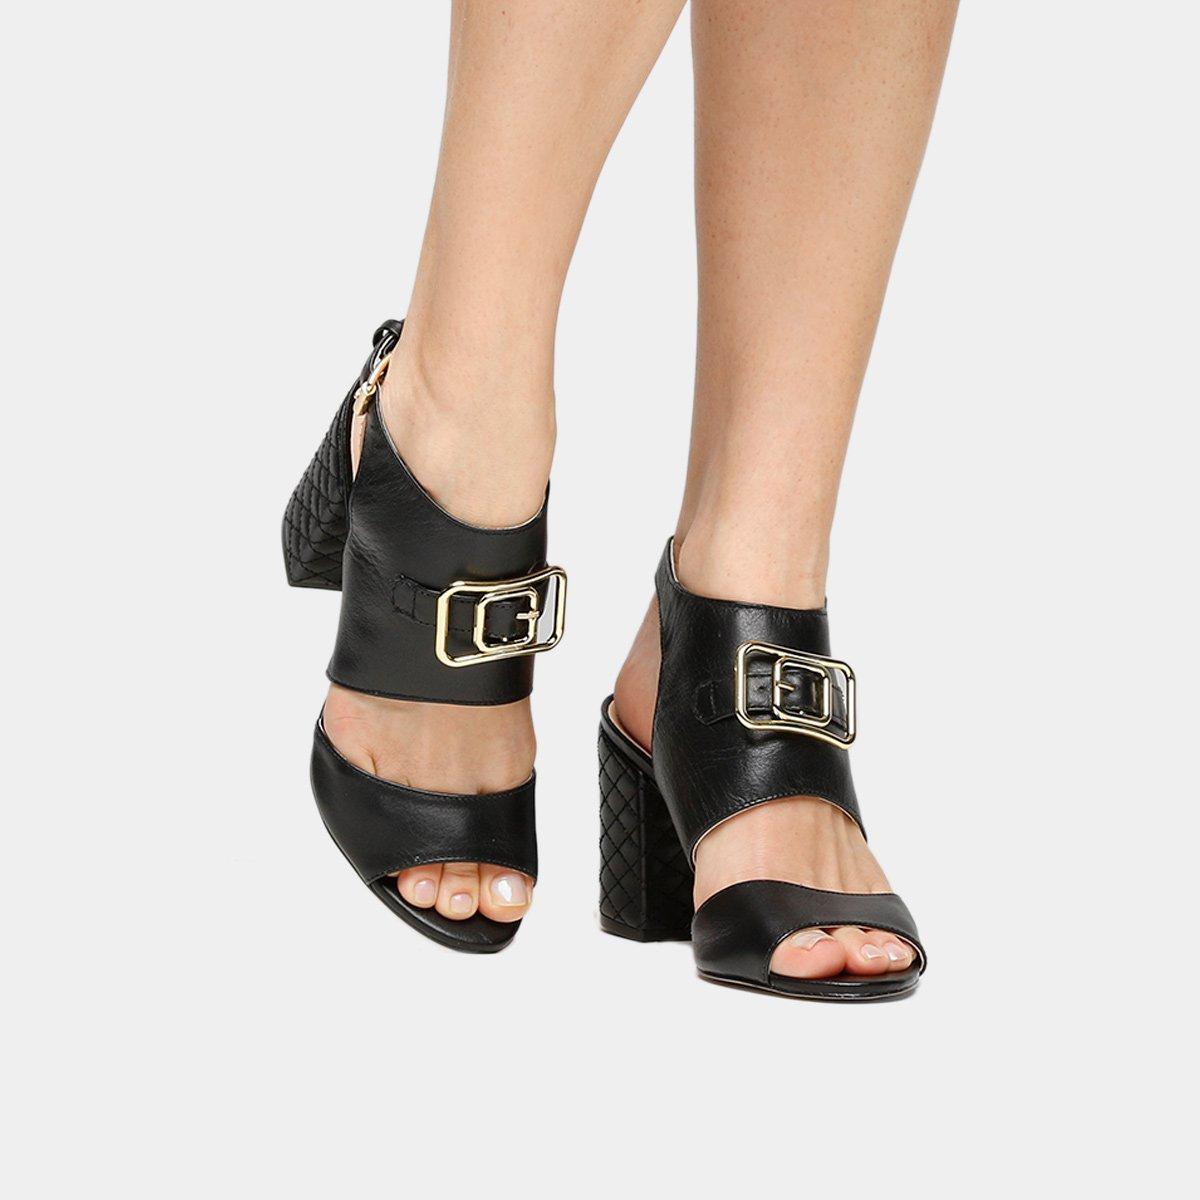 29062cf895 Sandália Couro Shoestock Salto Grosso Fivela Feminina